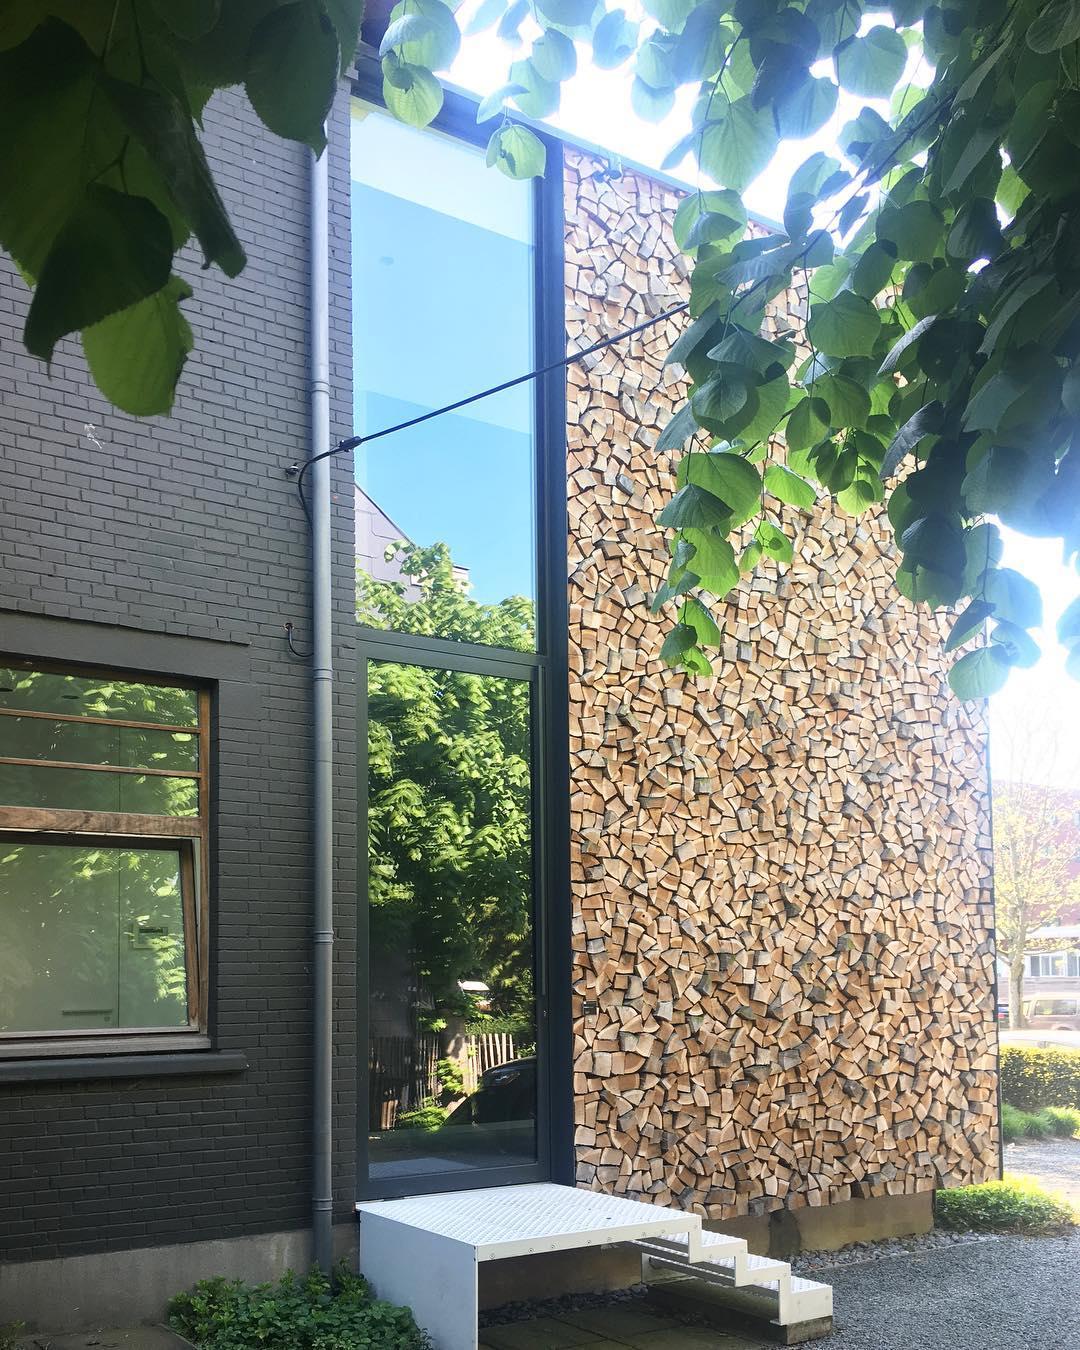 2018 05 08 BihTZs9D5 M 1774785057300389772 | Baeyens & Beck architecten Gent | architect nieuwbouw renovatie interieur | high end | architectenbureau